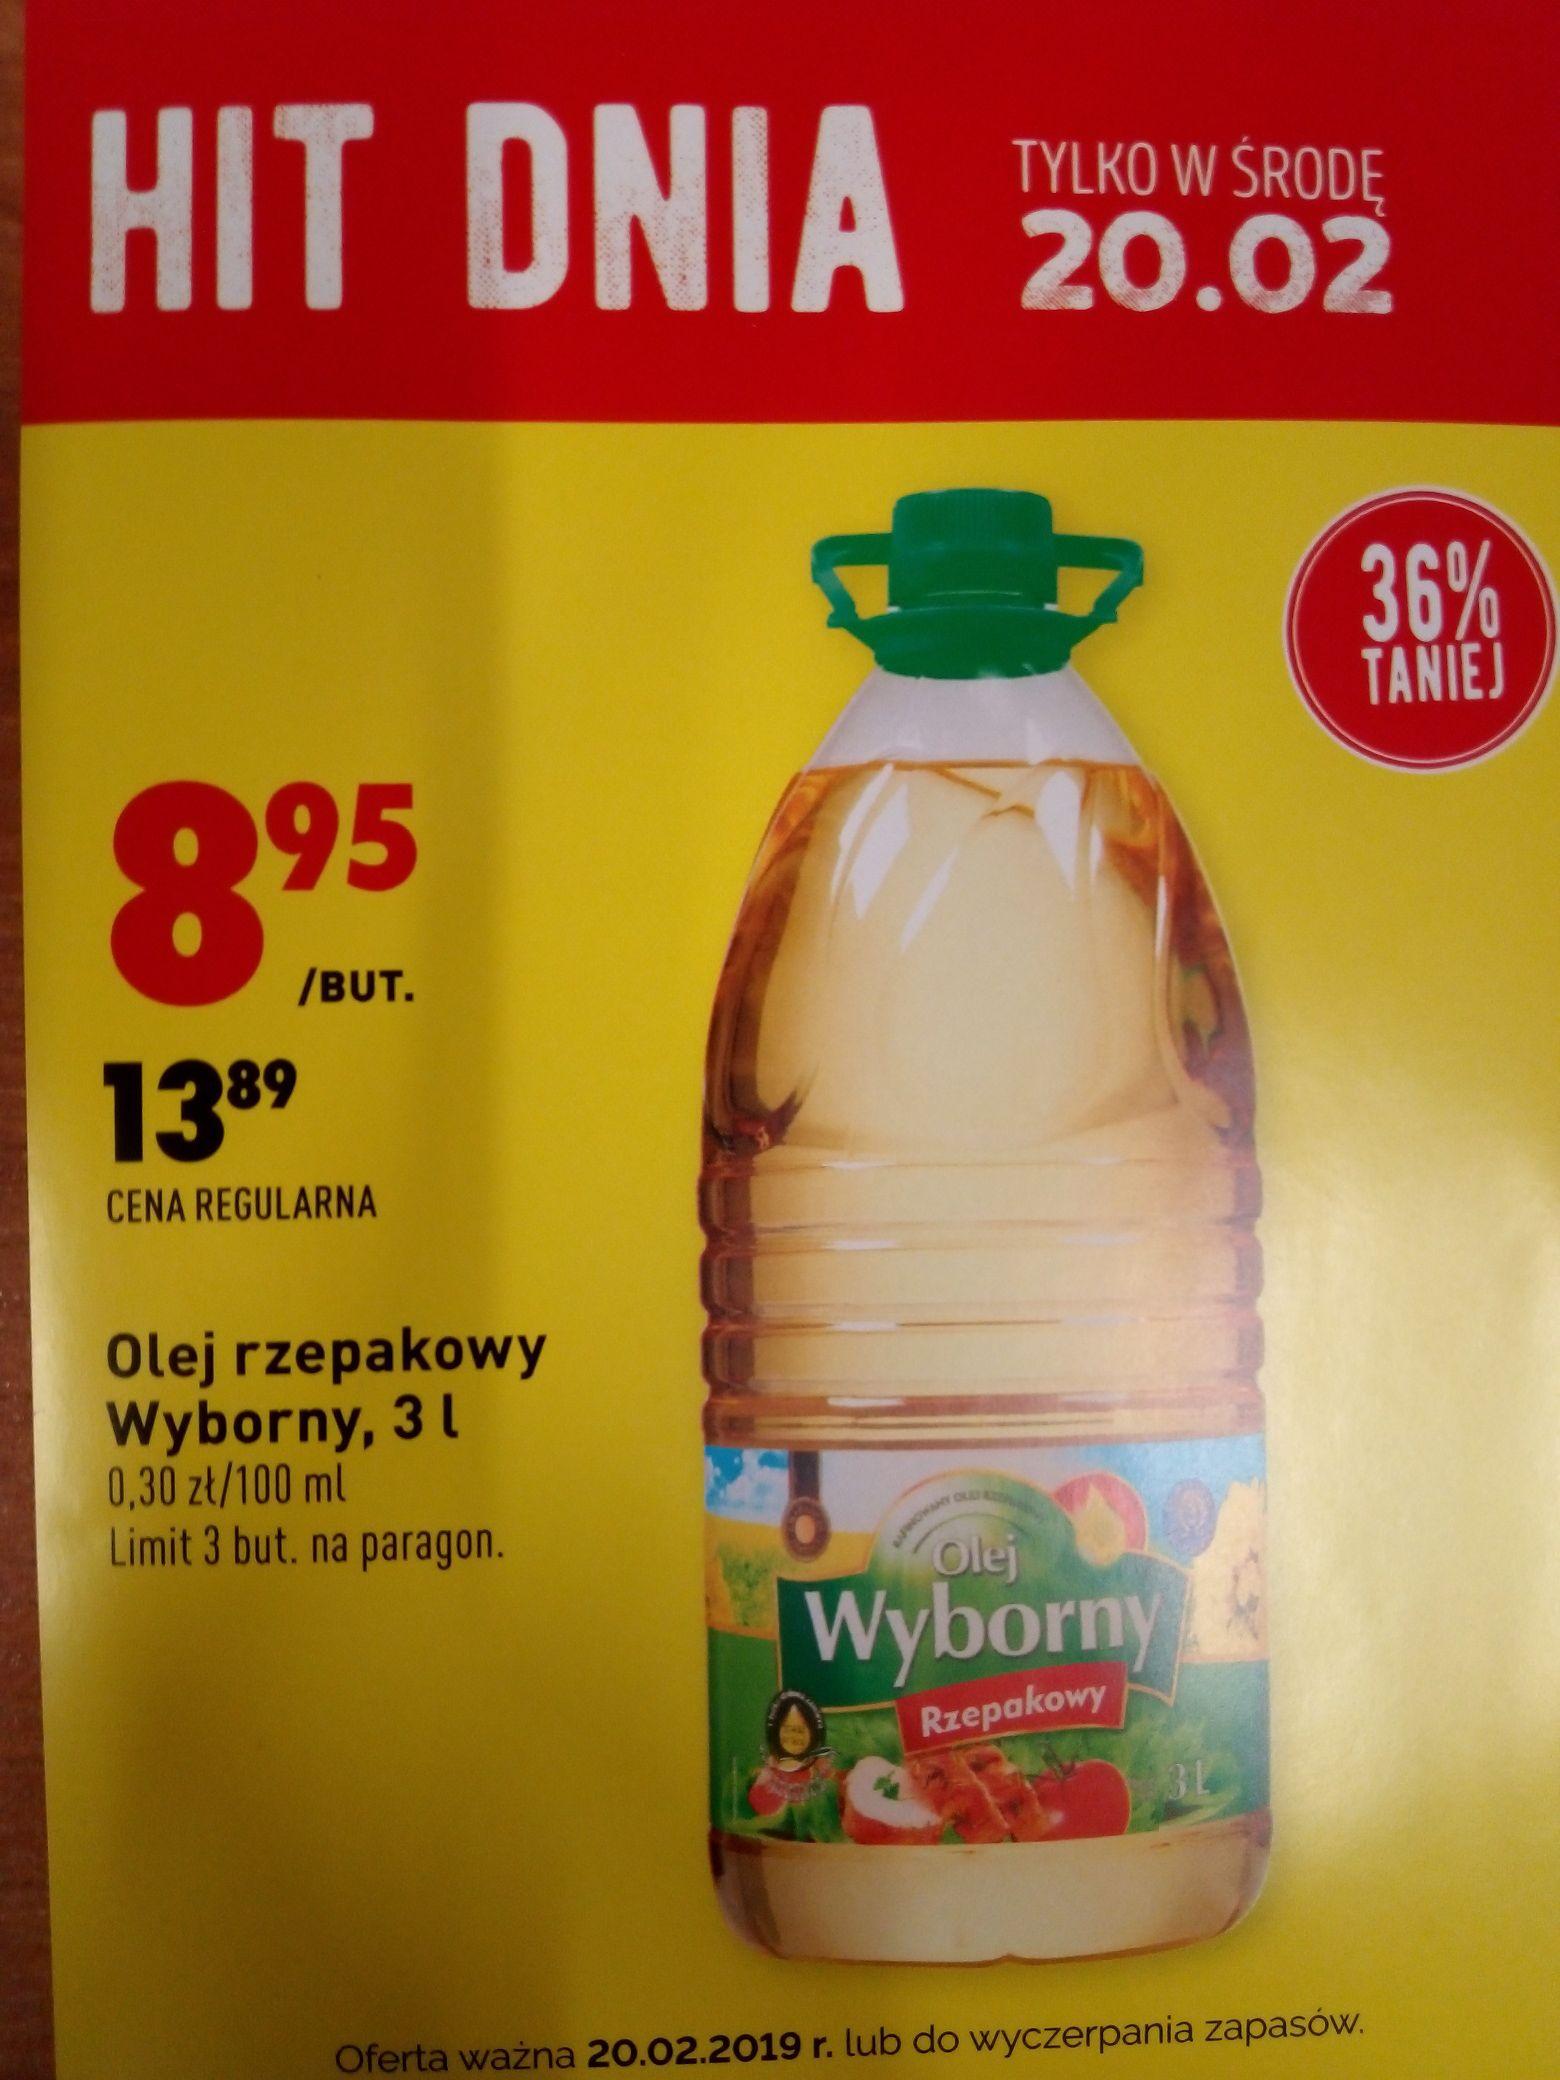 Hit dnia Olej rzepakowy 3l @biedronka tylko 20.02